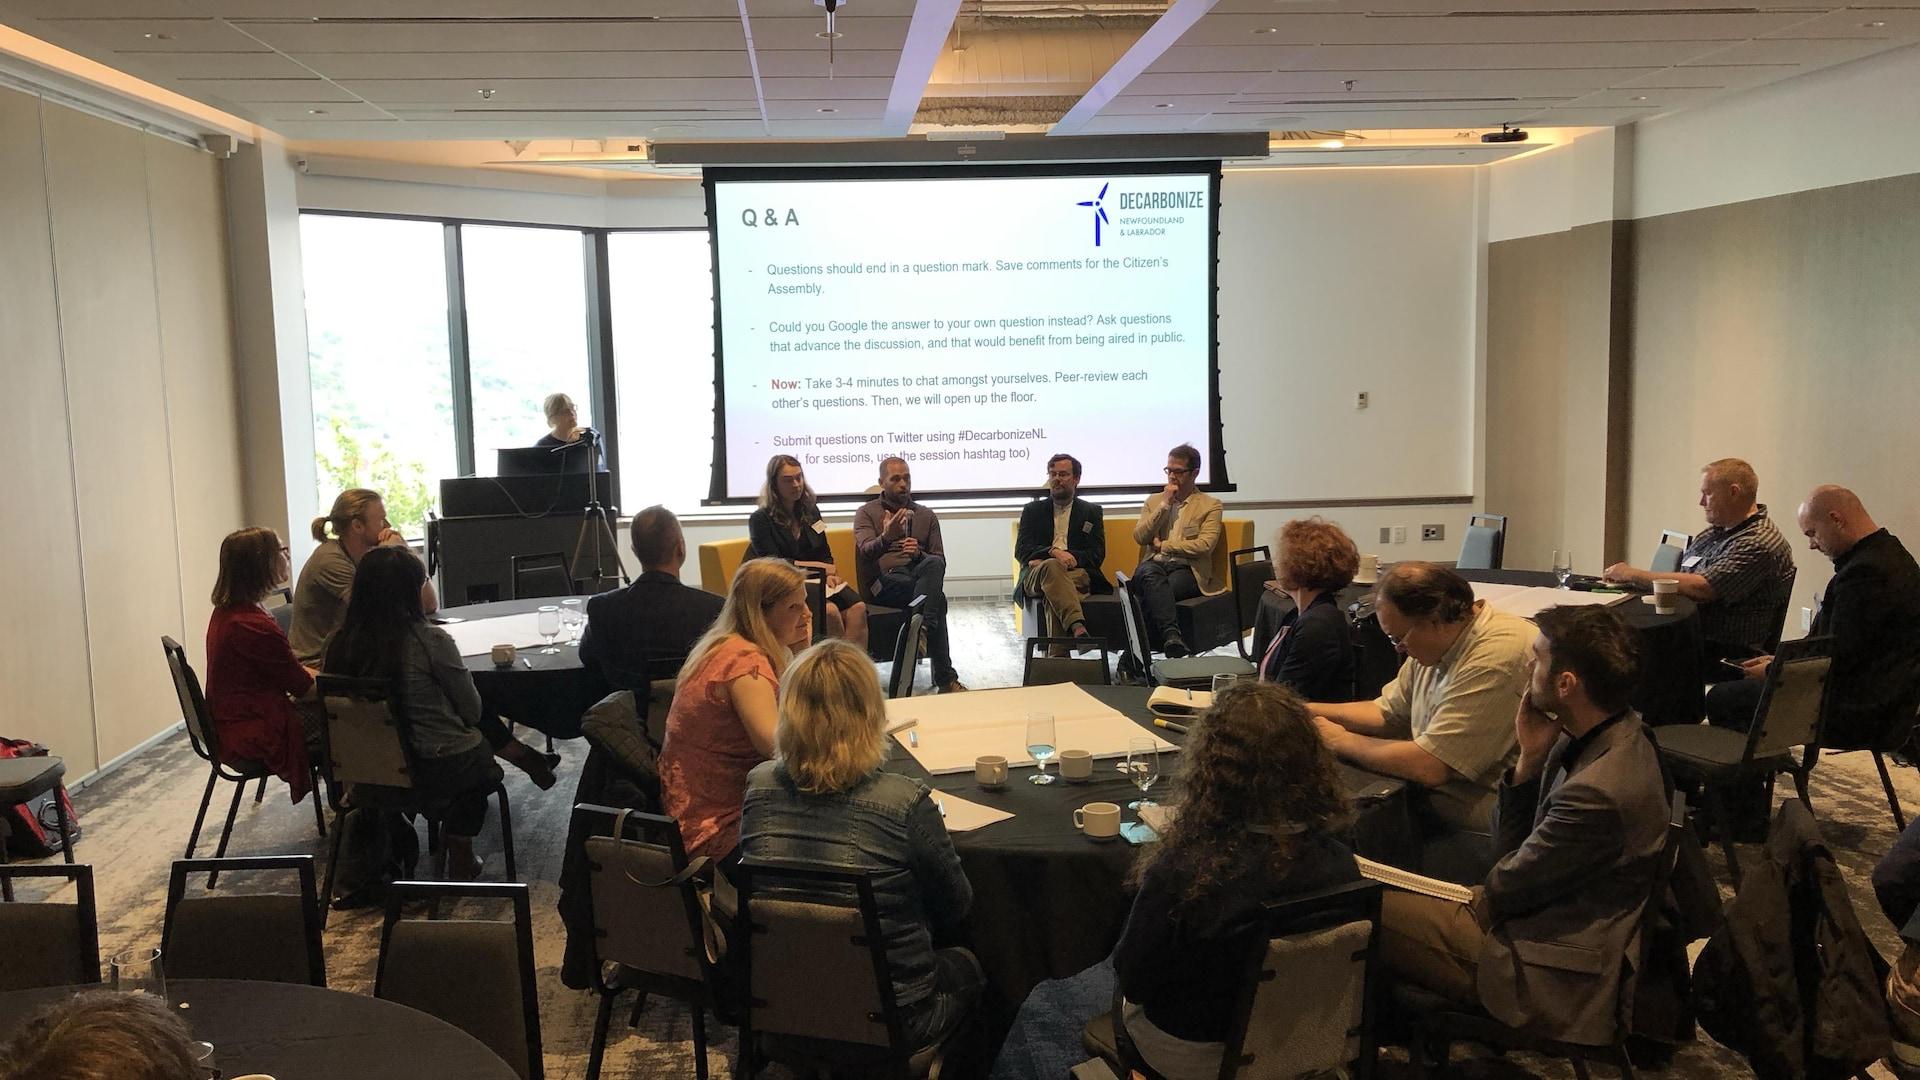 Des participants assis à des tables. Quatre personnes mènent la discussion au fond de la salle.